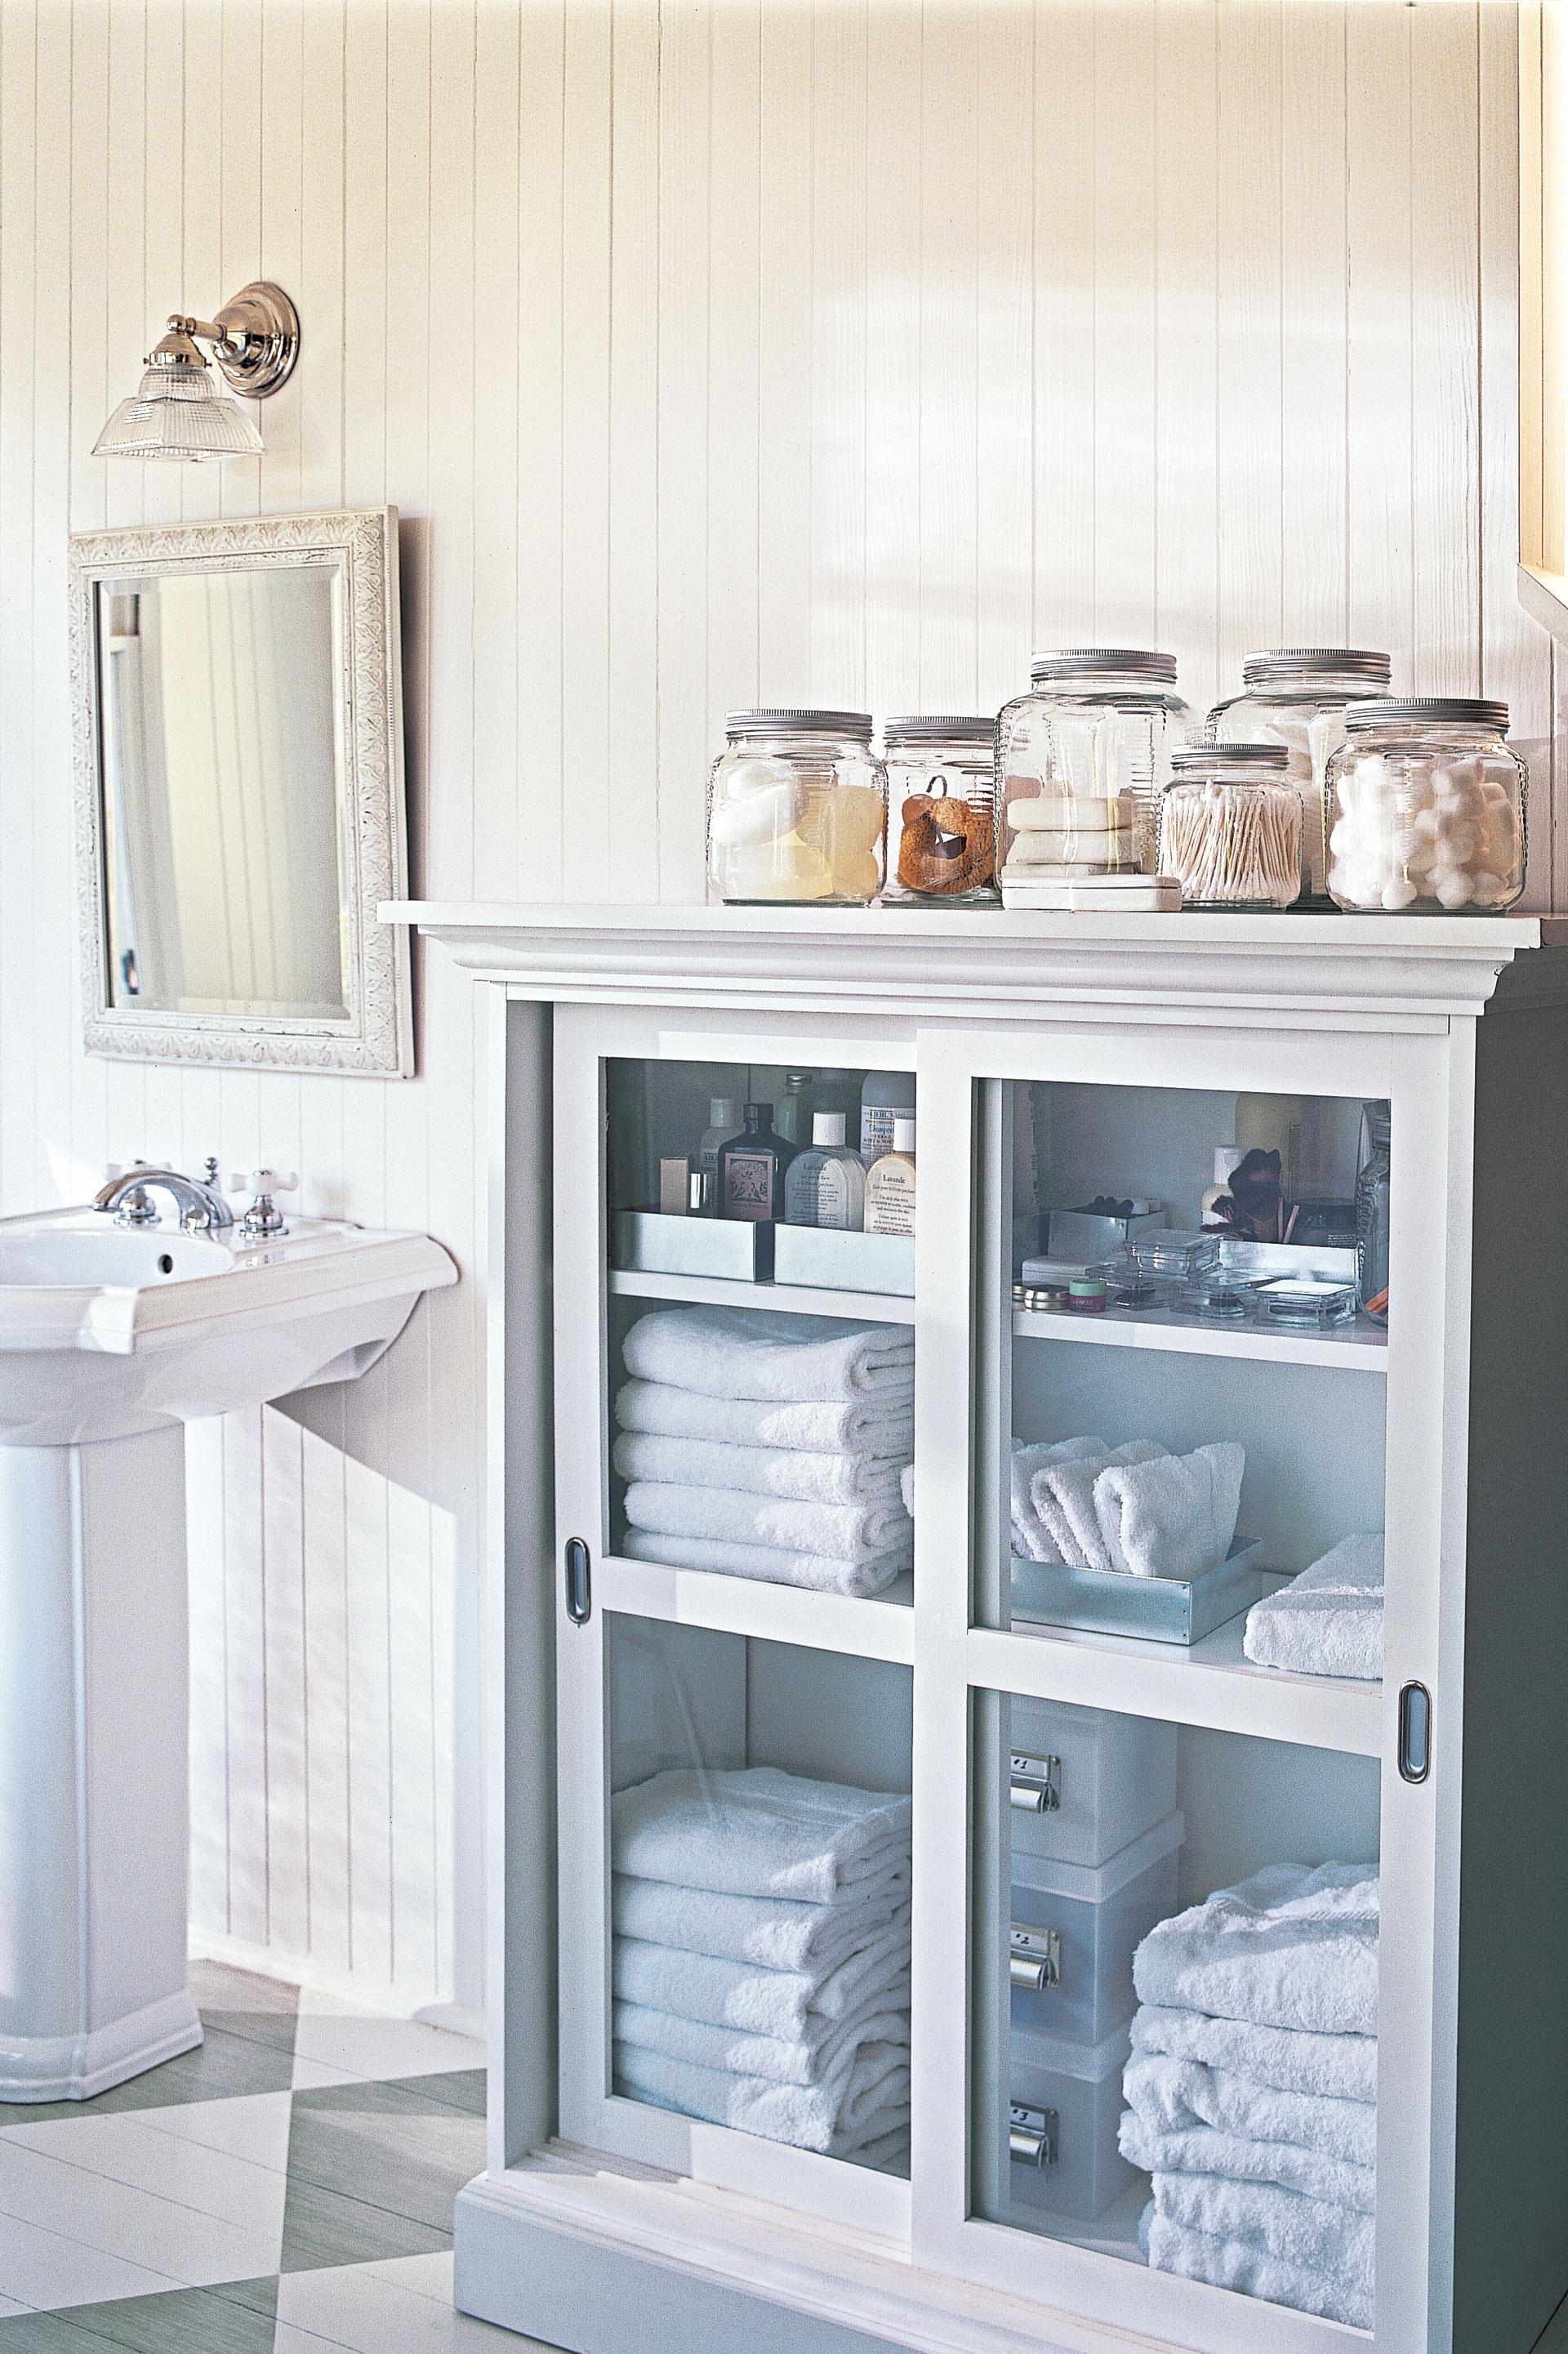 17 Bathroom Organization Ideas Best Bathroom Organizers to Try